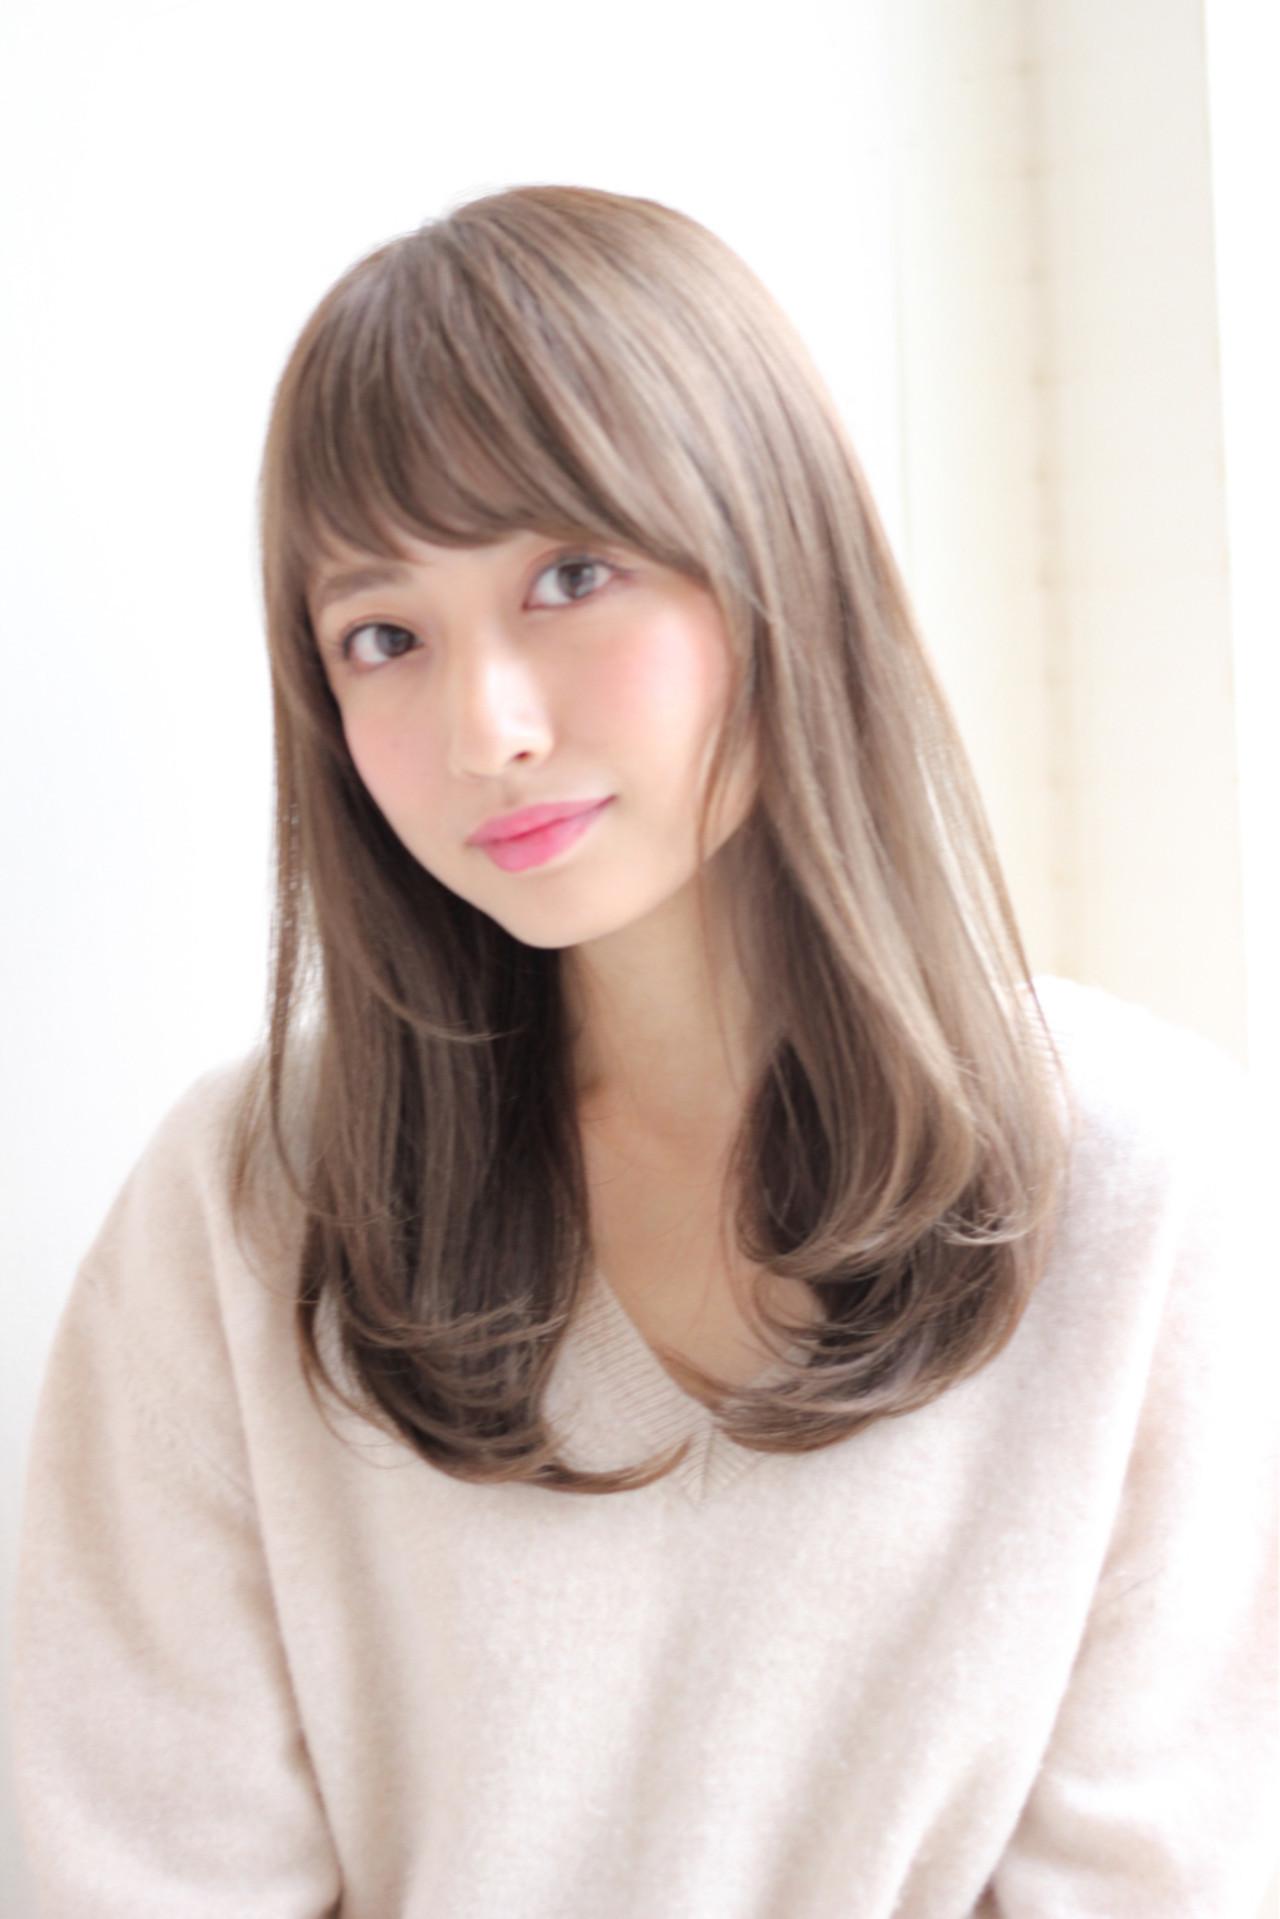 ワンランク上の髪型へシフト♡30代の女性に人気の髪型カタログ♪の9枚目の画像